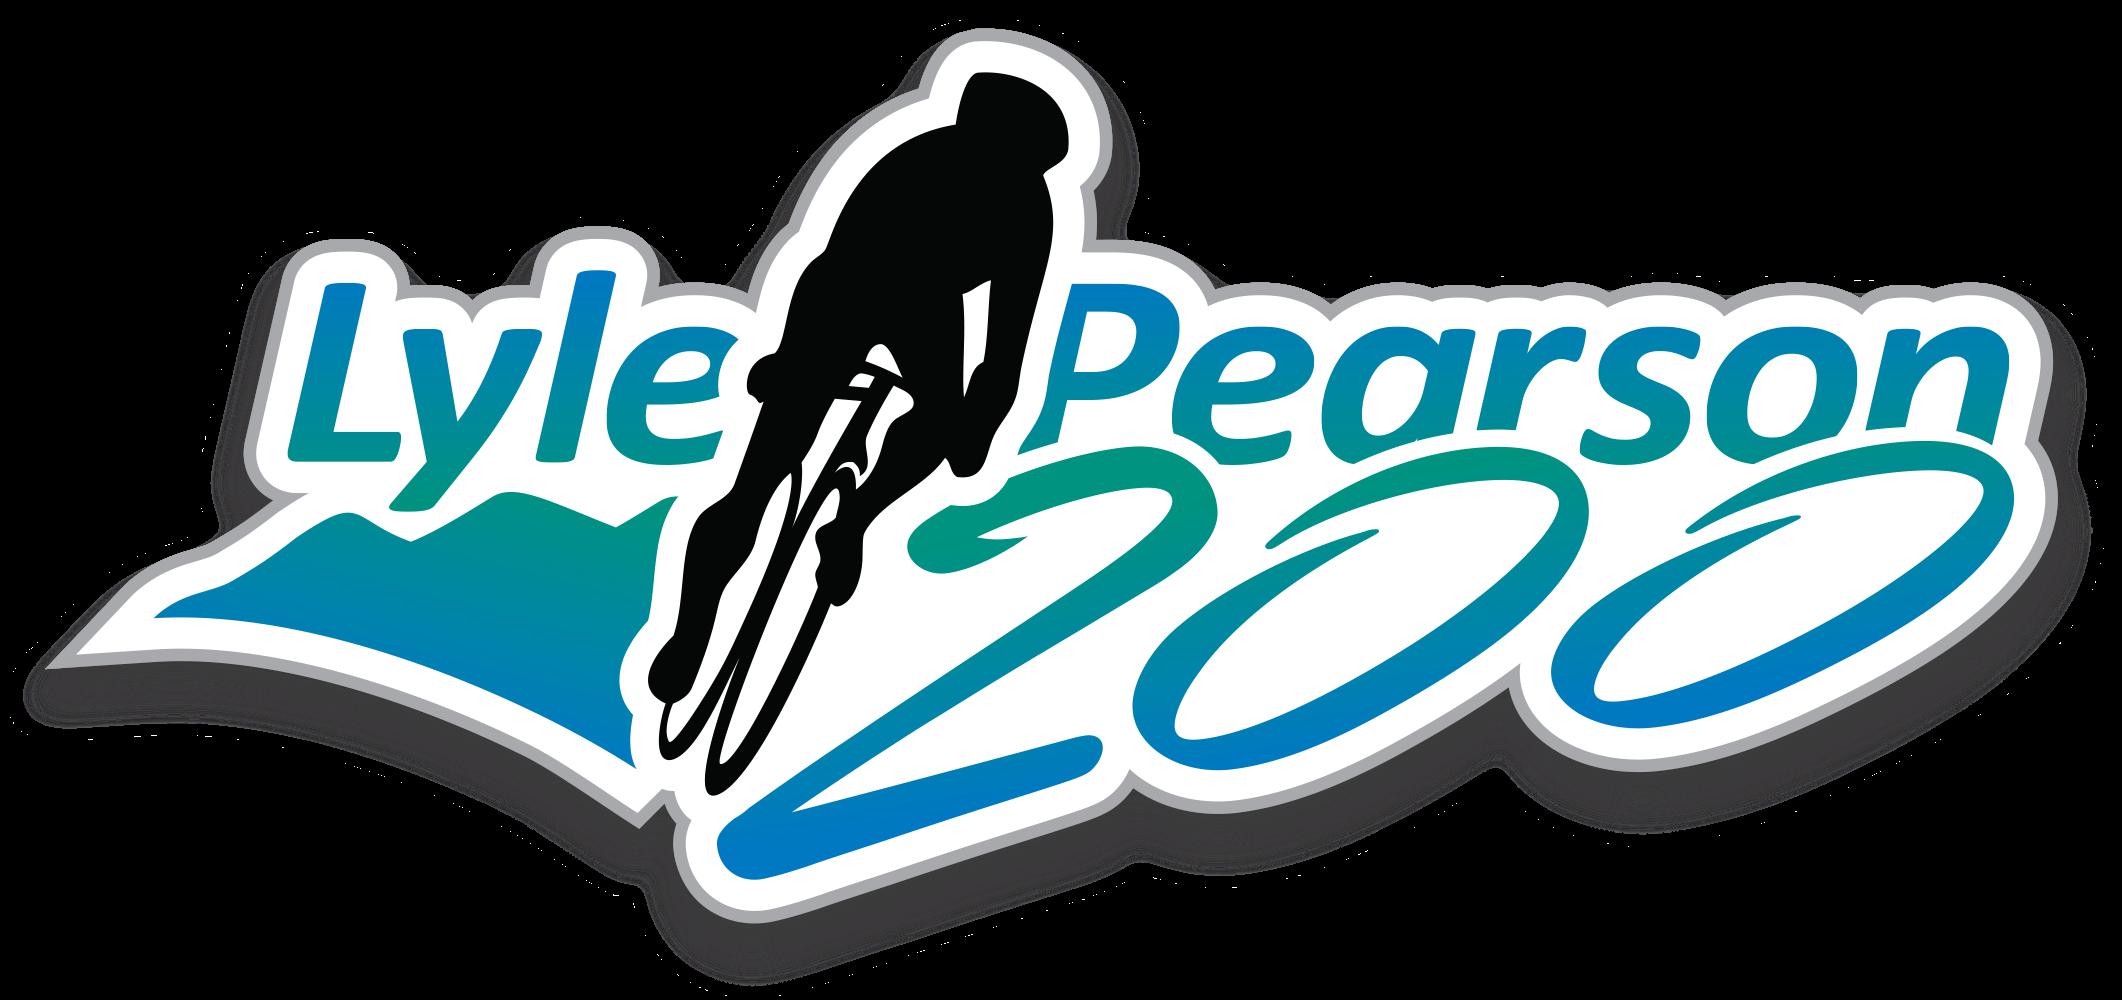 Lyle Pearson 200 Logo